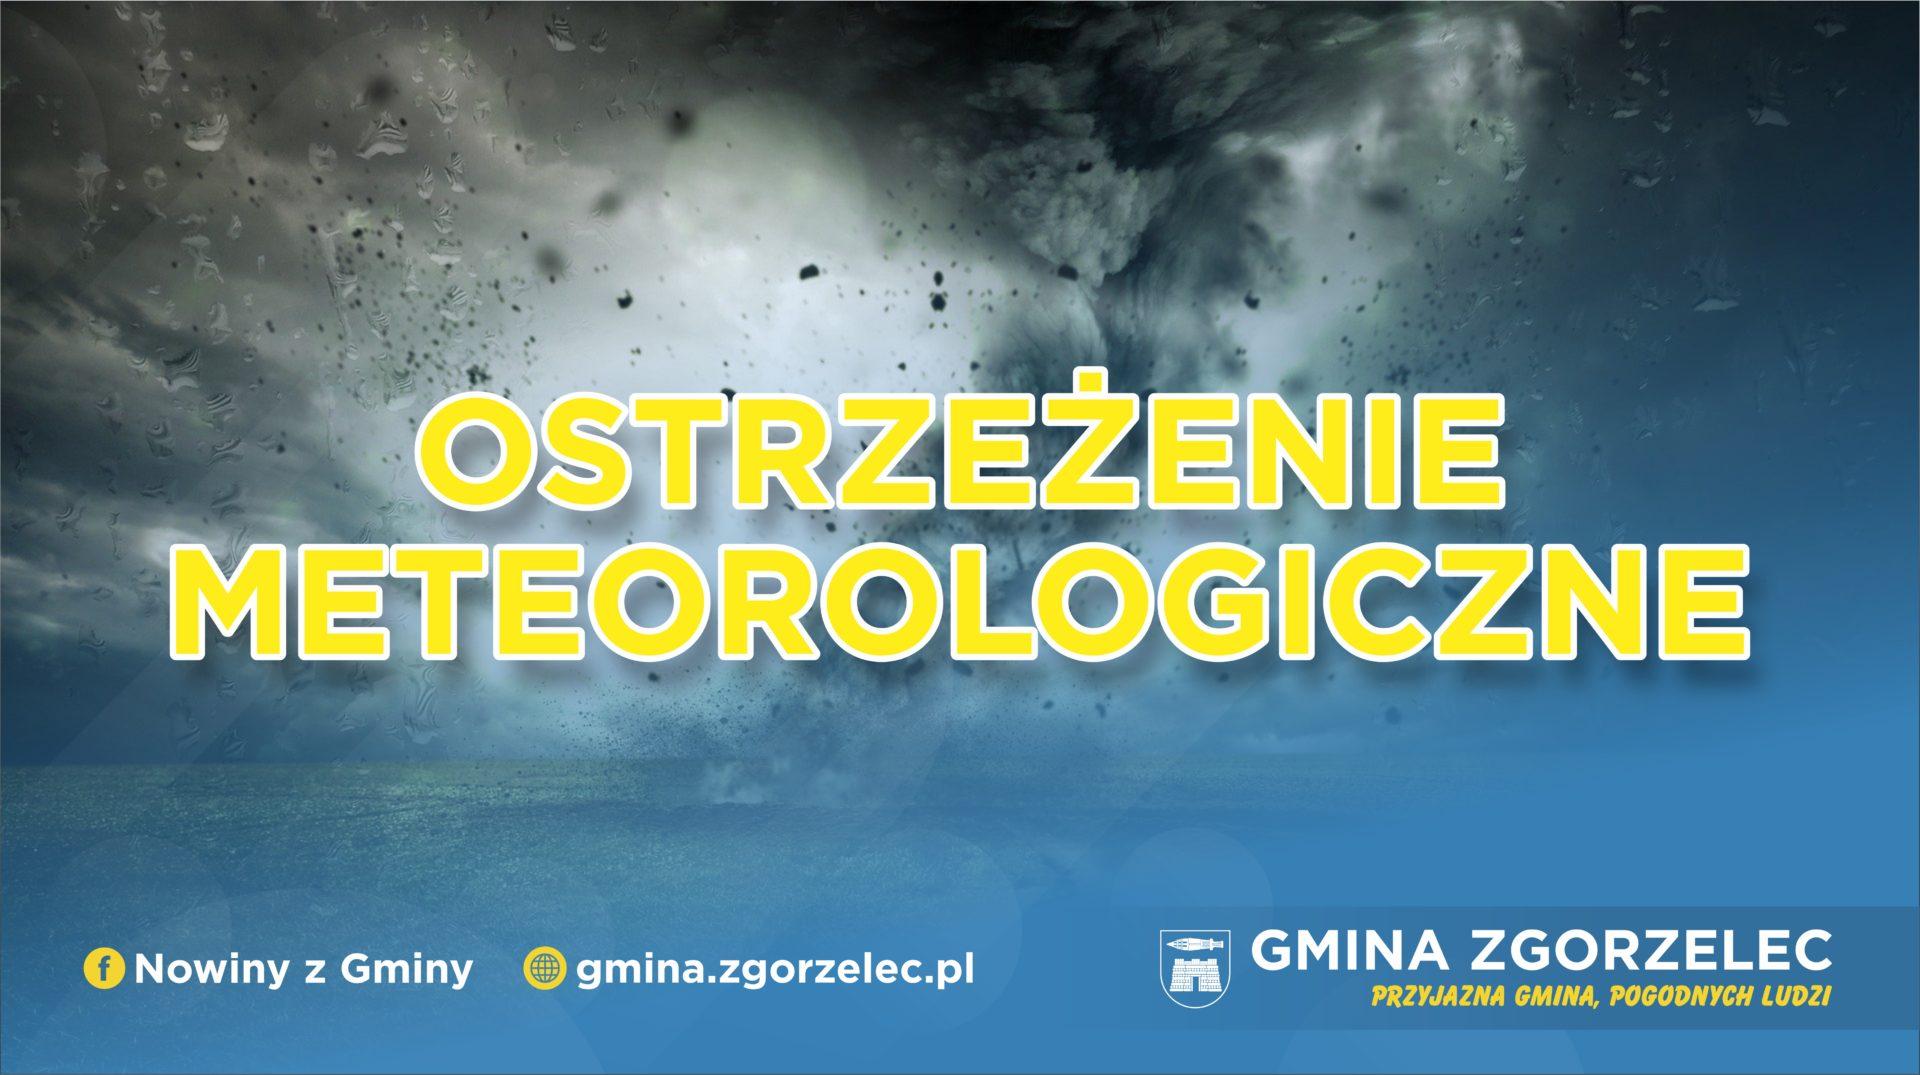 Ostrzeżenie meteorologiczne – marznące opady